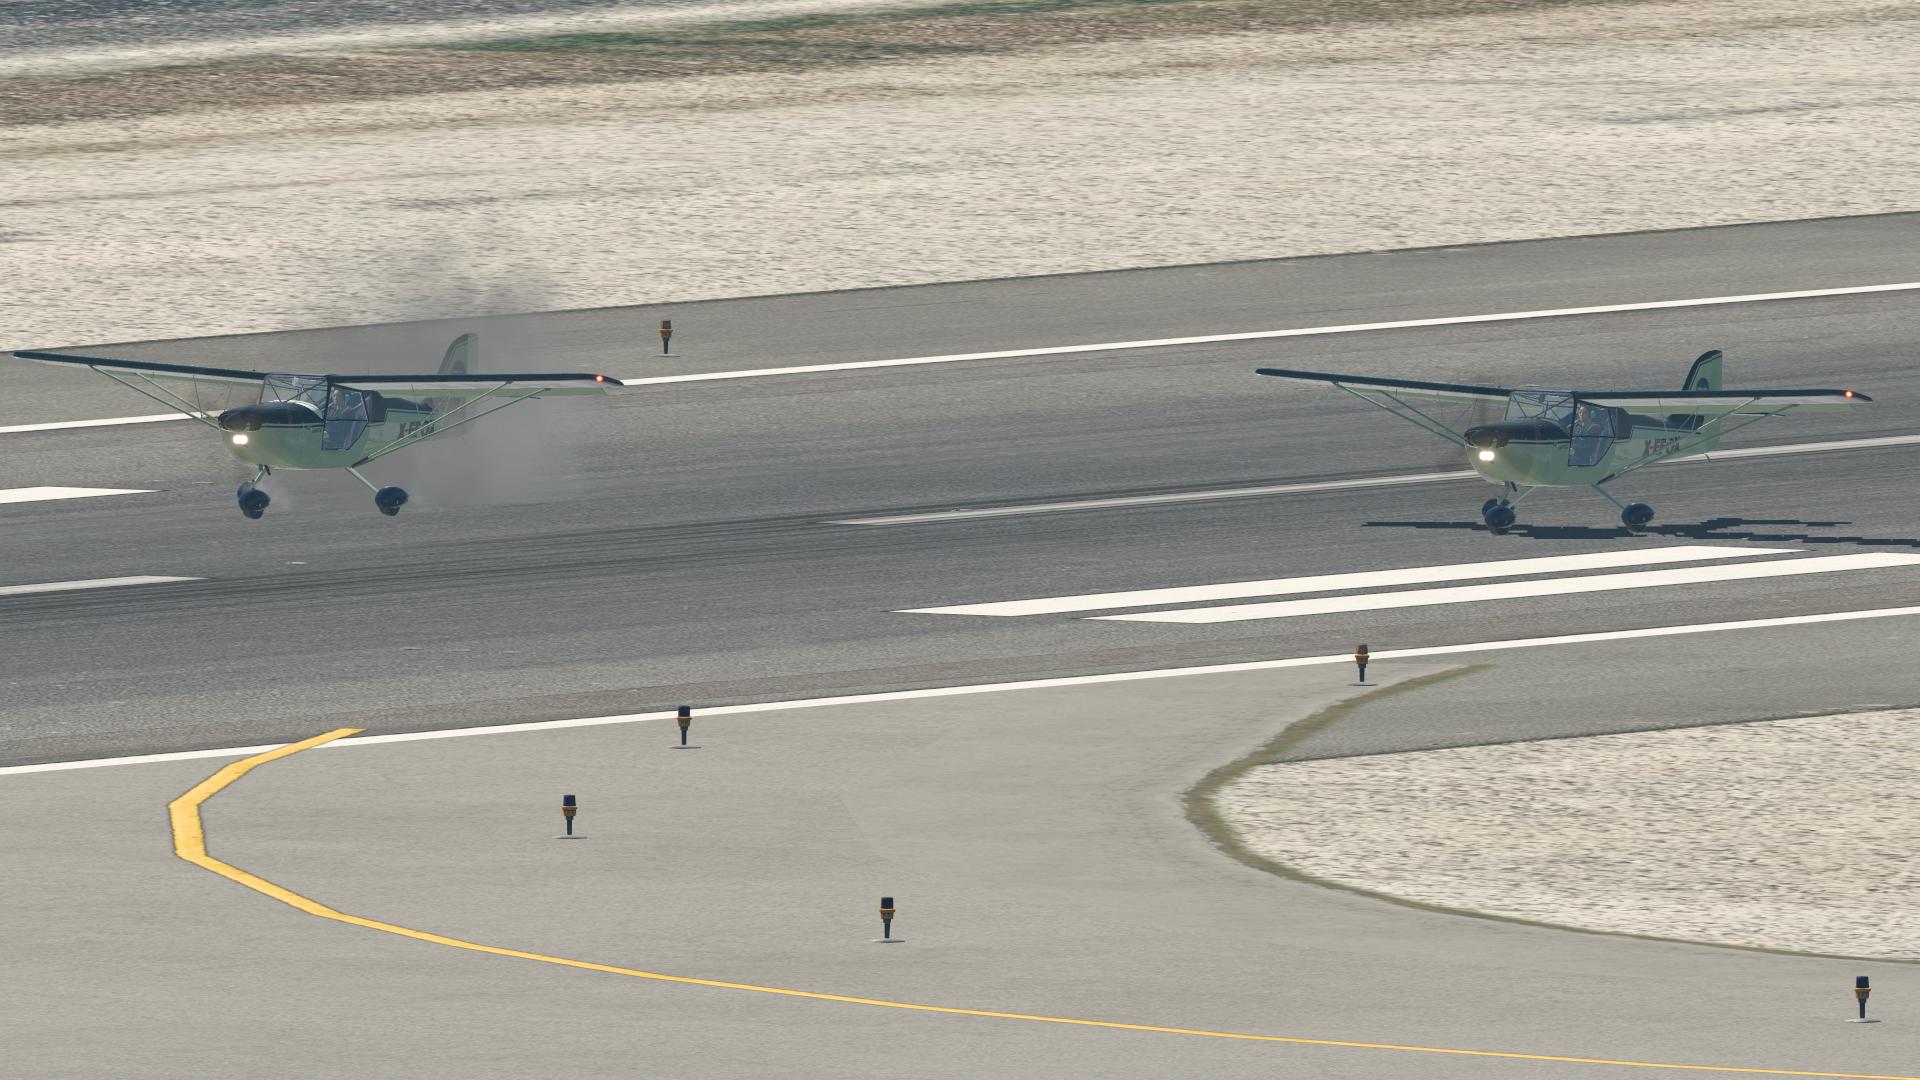 simus] Le topic des canards pilotes civilisés : Flight Sim, X-Plane